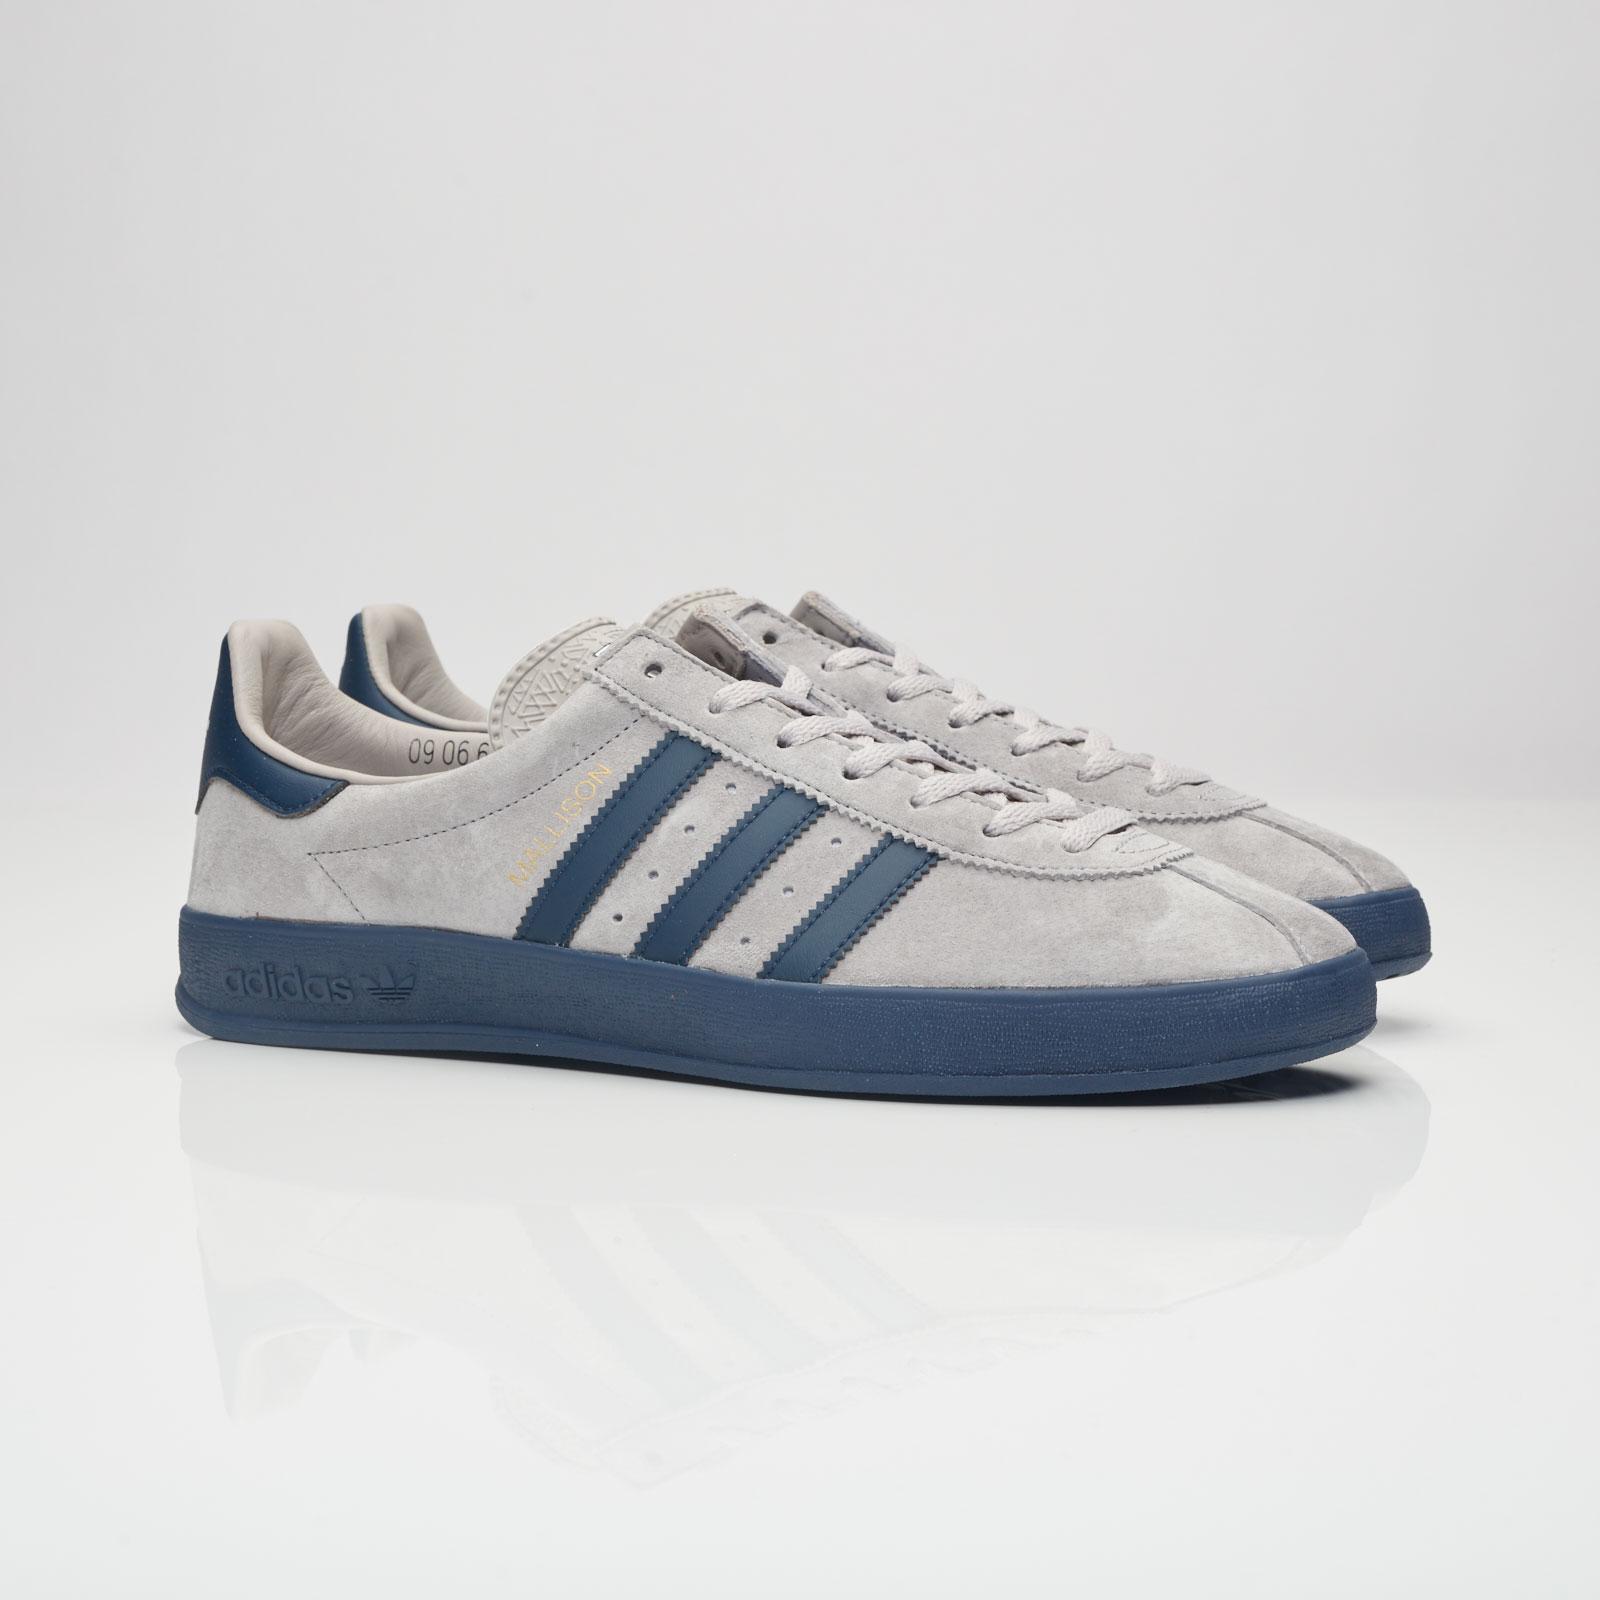 0034fa01c5 adidas Mallison - Ba7721 - Sneakersnstuff I Sneakers & Streetwear ...